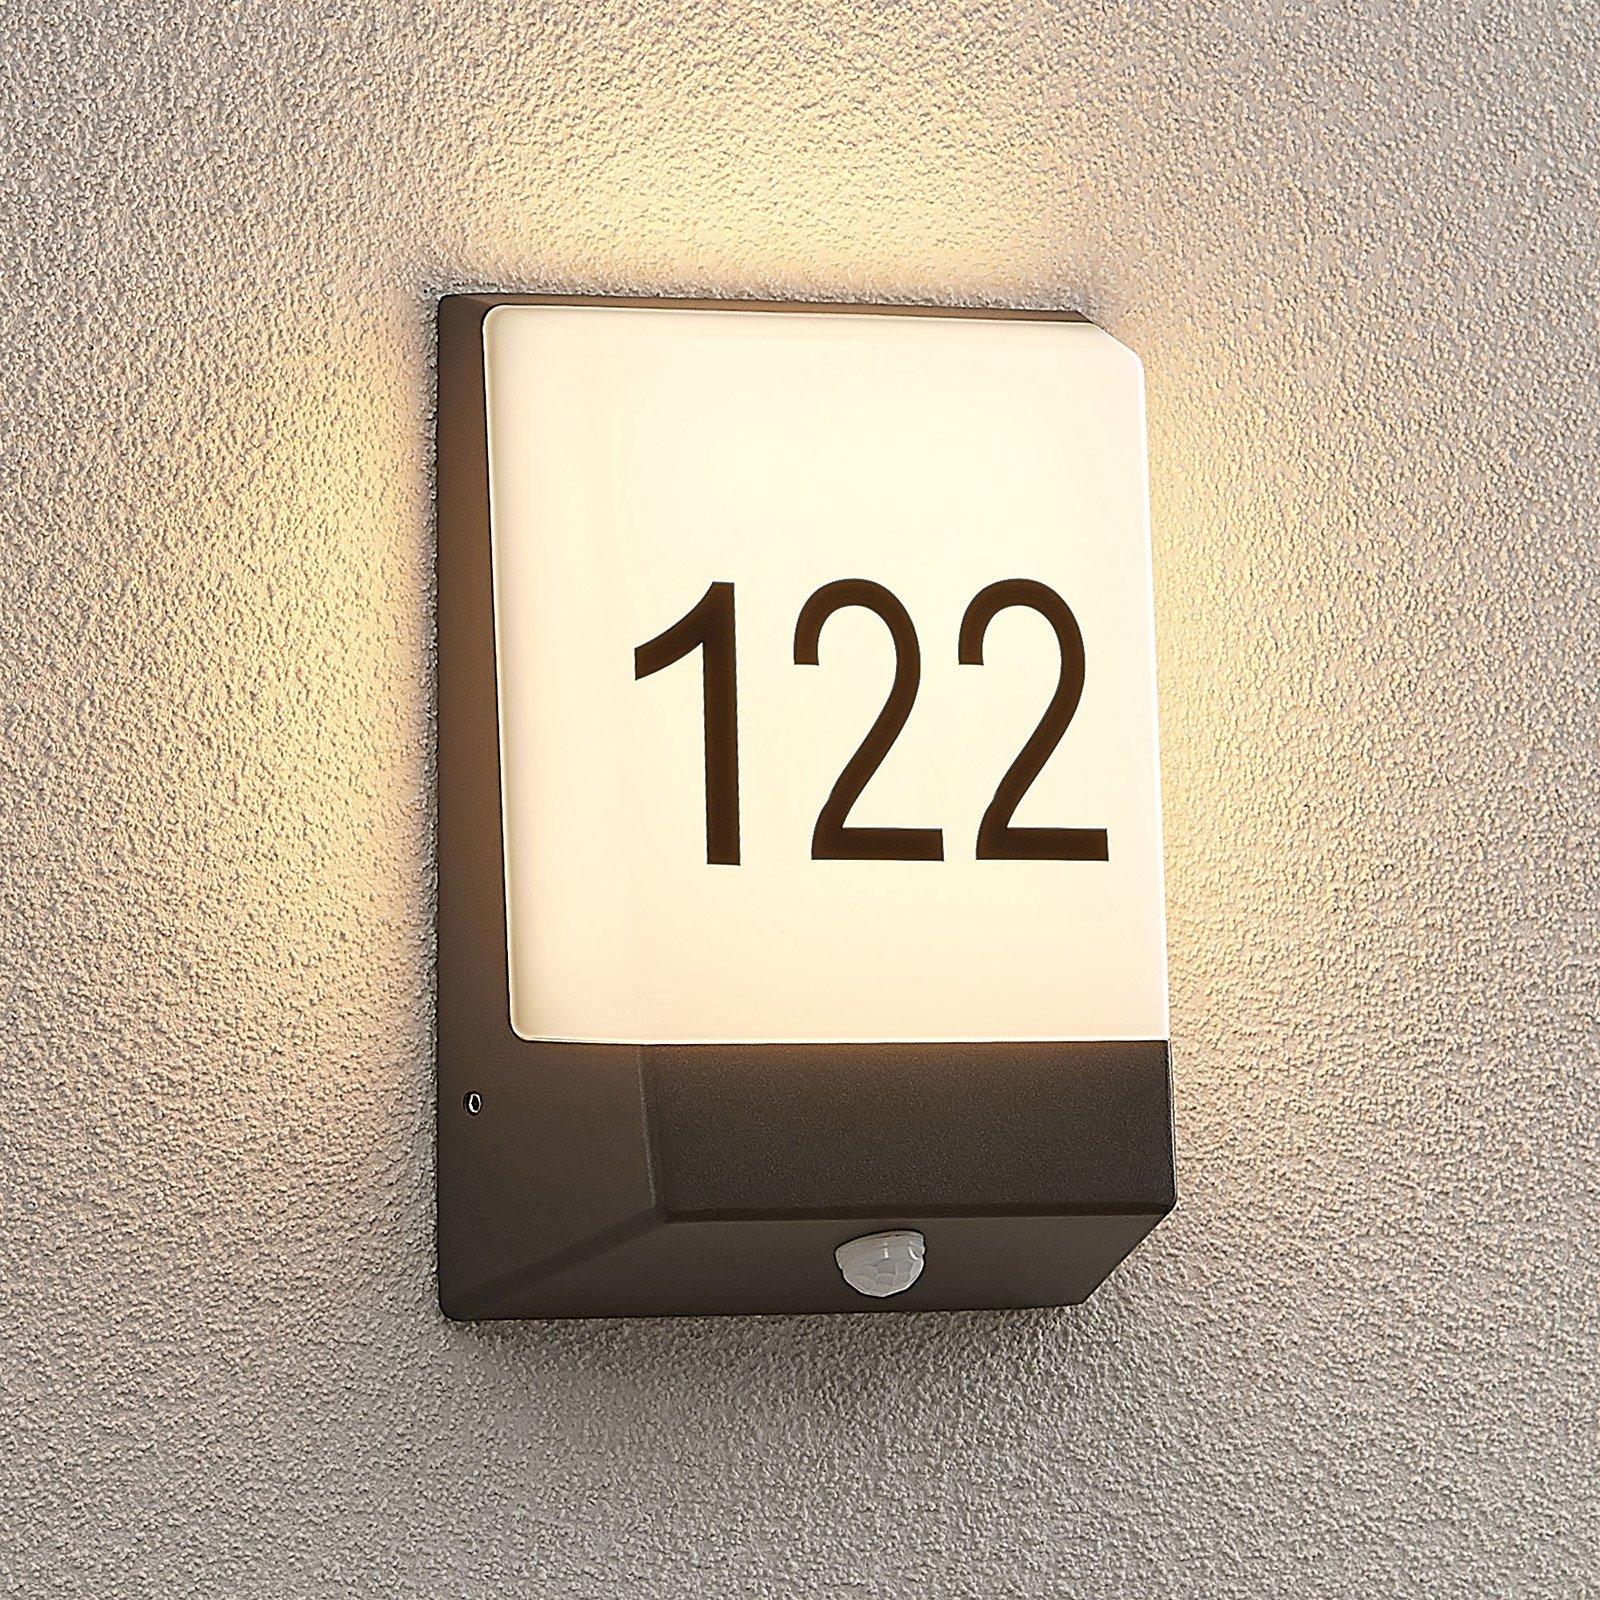 Lucande Kosman LED-husnummerlampe, sensor